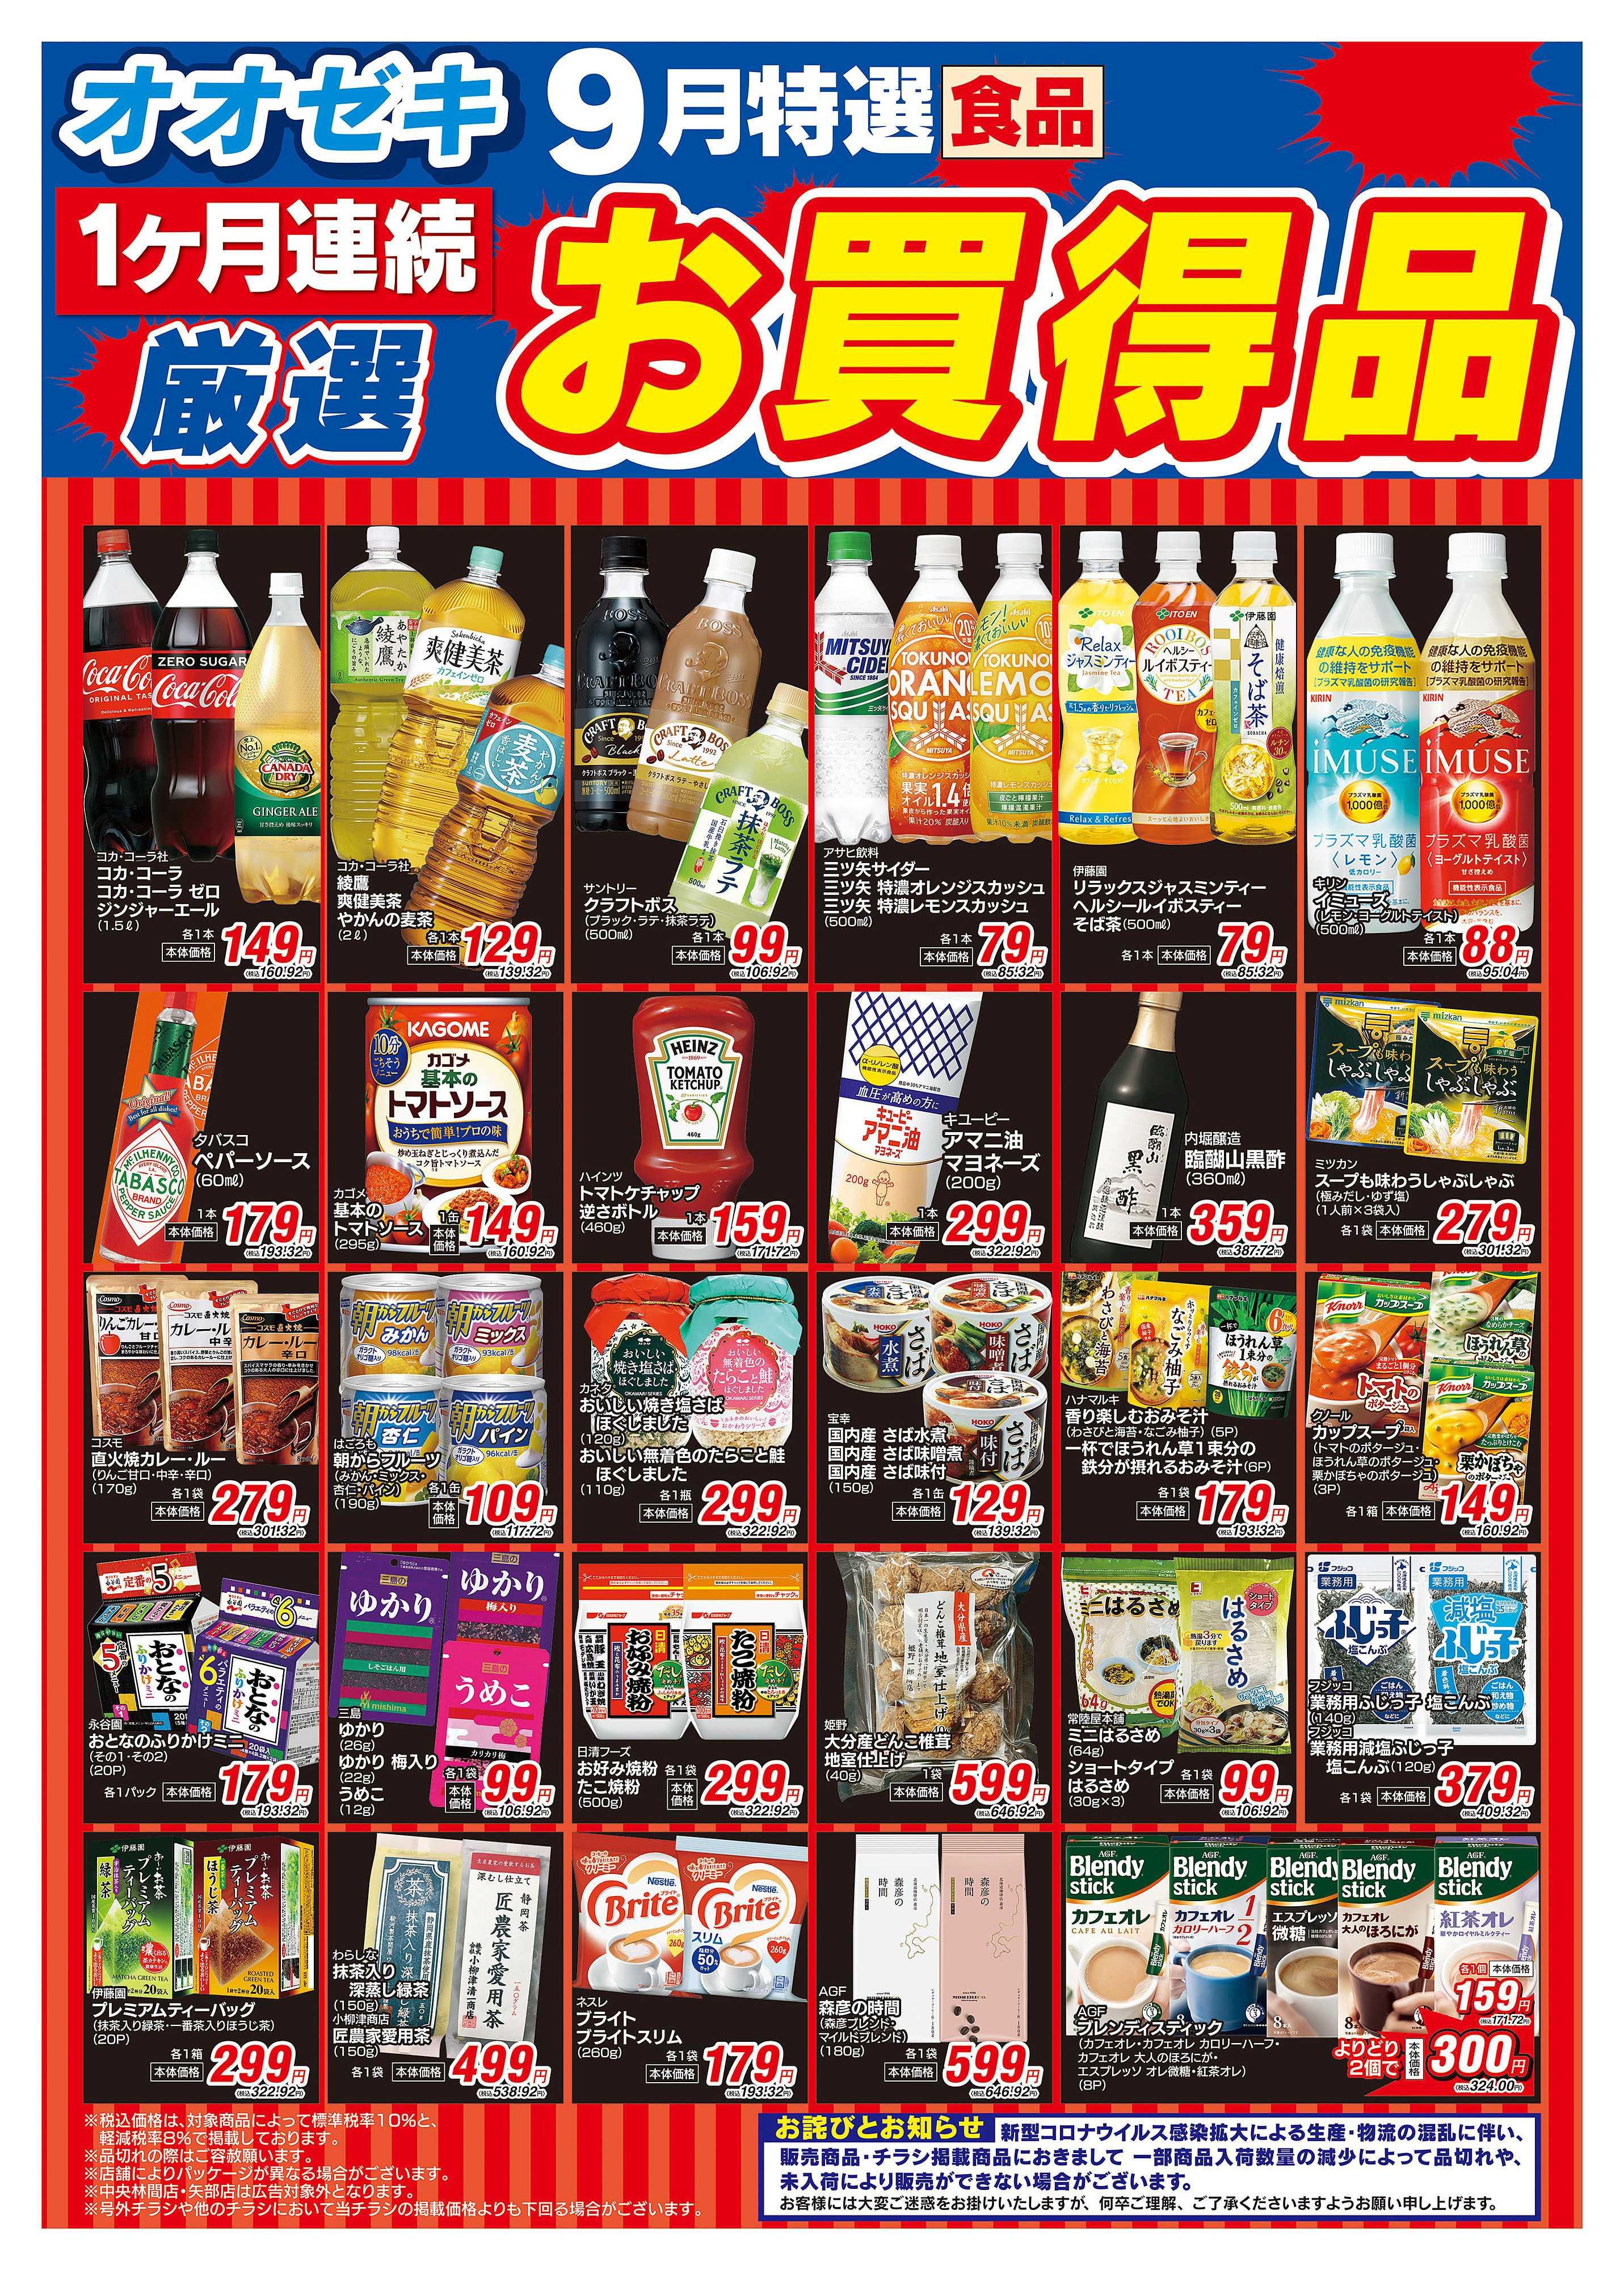 オオゼキ 9月特選食品 1ヶ月連続厳選お買得品